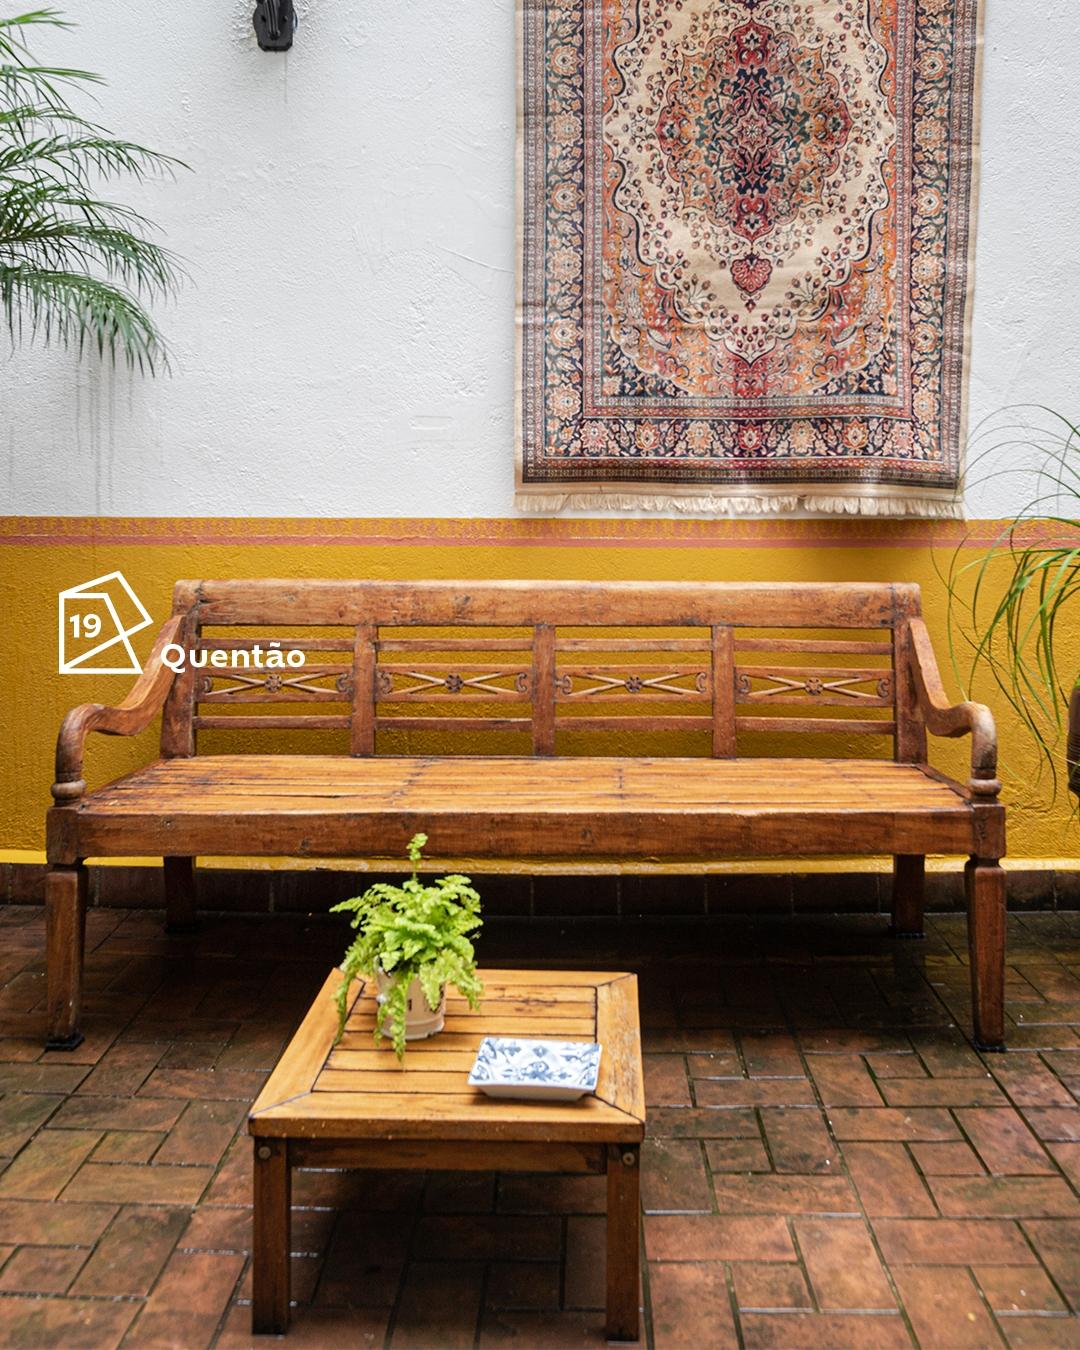 Foto de área externa com um longo banco de madeira ao centro e uma mesa de centro um pouco à frente. Ao fundo, a parede com a técnica de meia-parede horizontal na cor Quentão na parte de baixo, e o ícone de cor do ano 2019. Acima, um tapete pendurado como item de decoração.